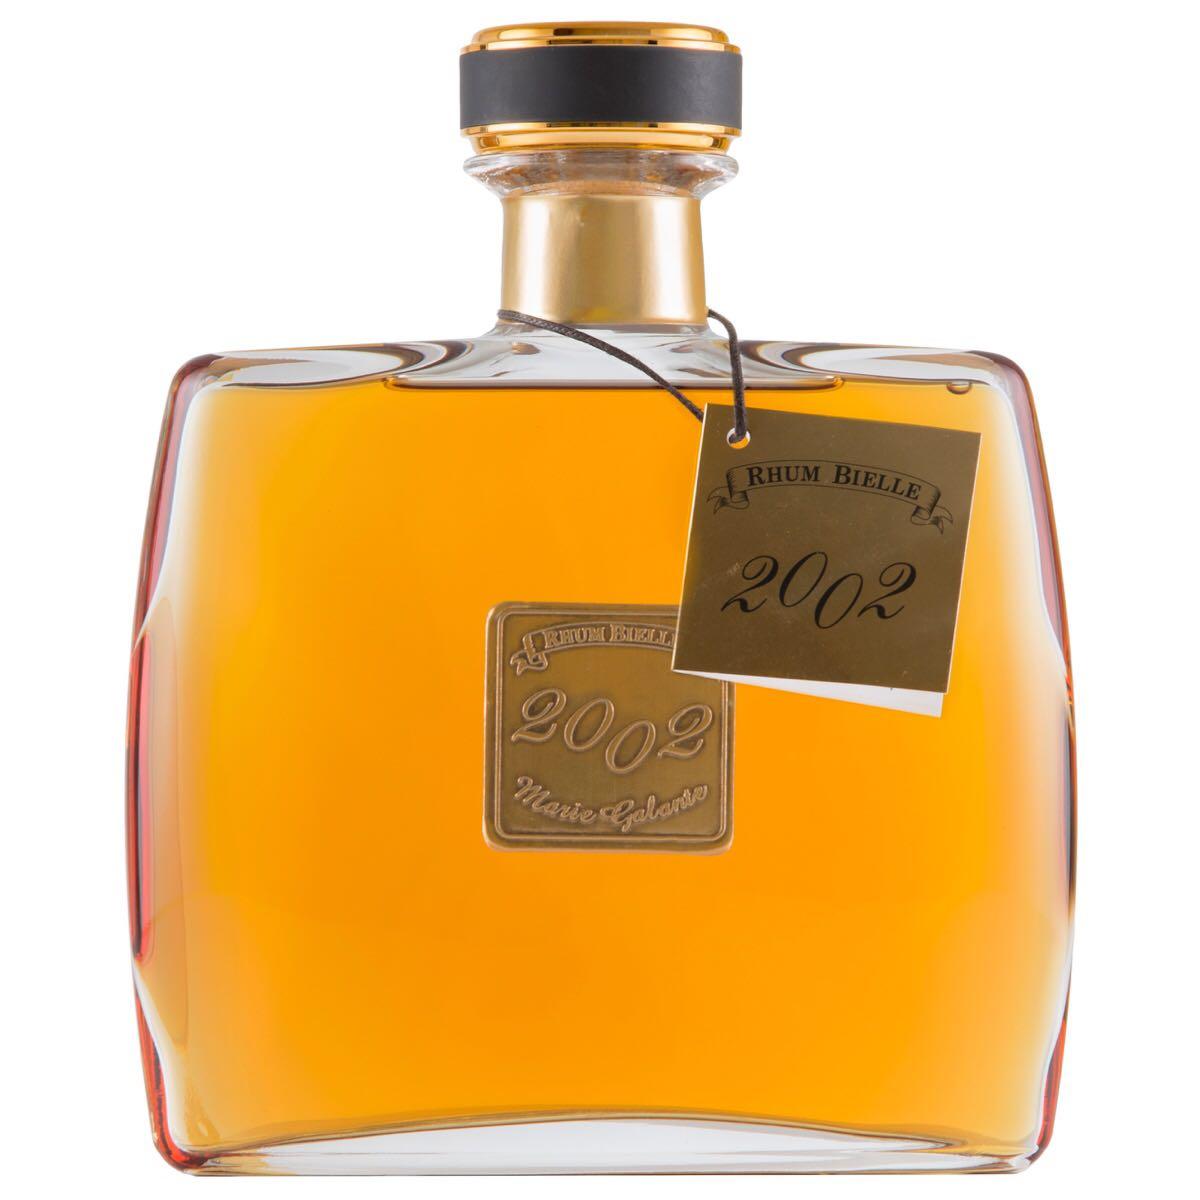 Bottle image of 2002